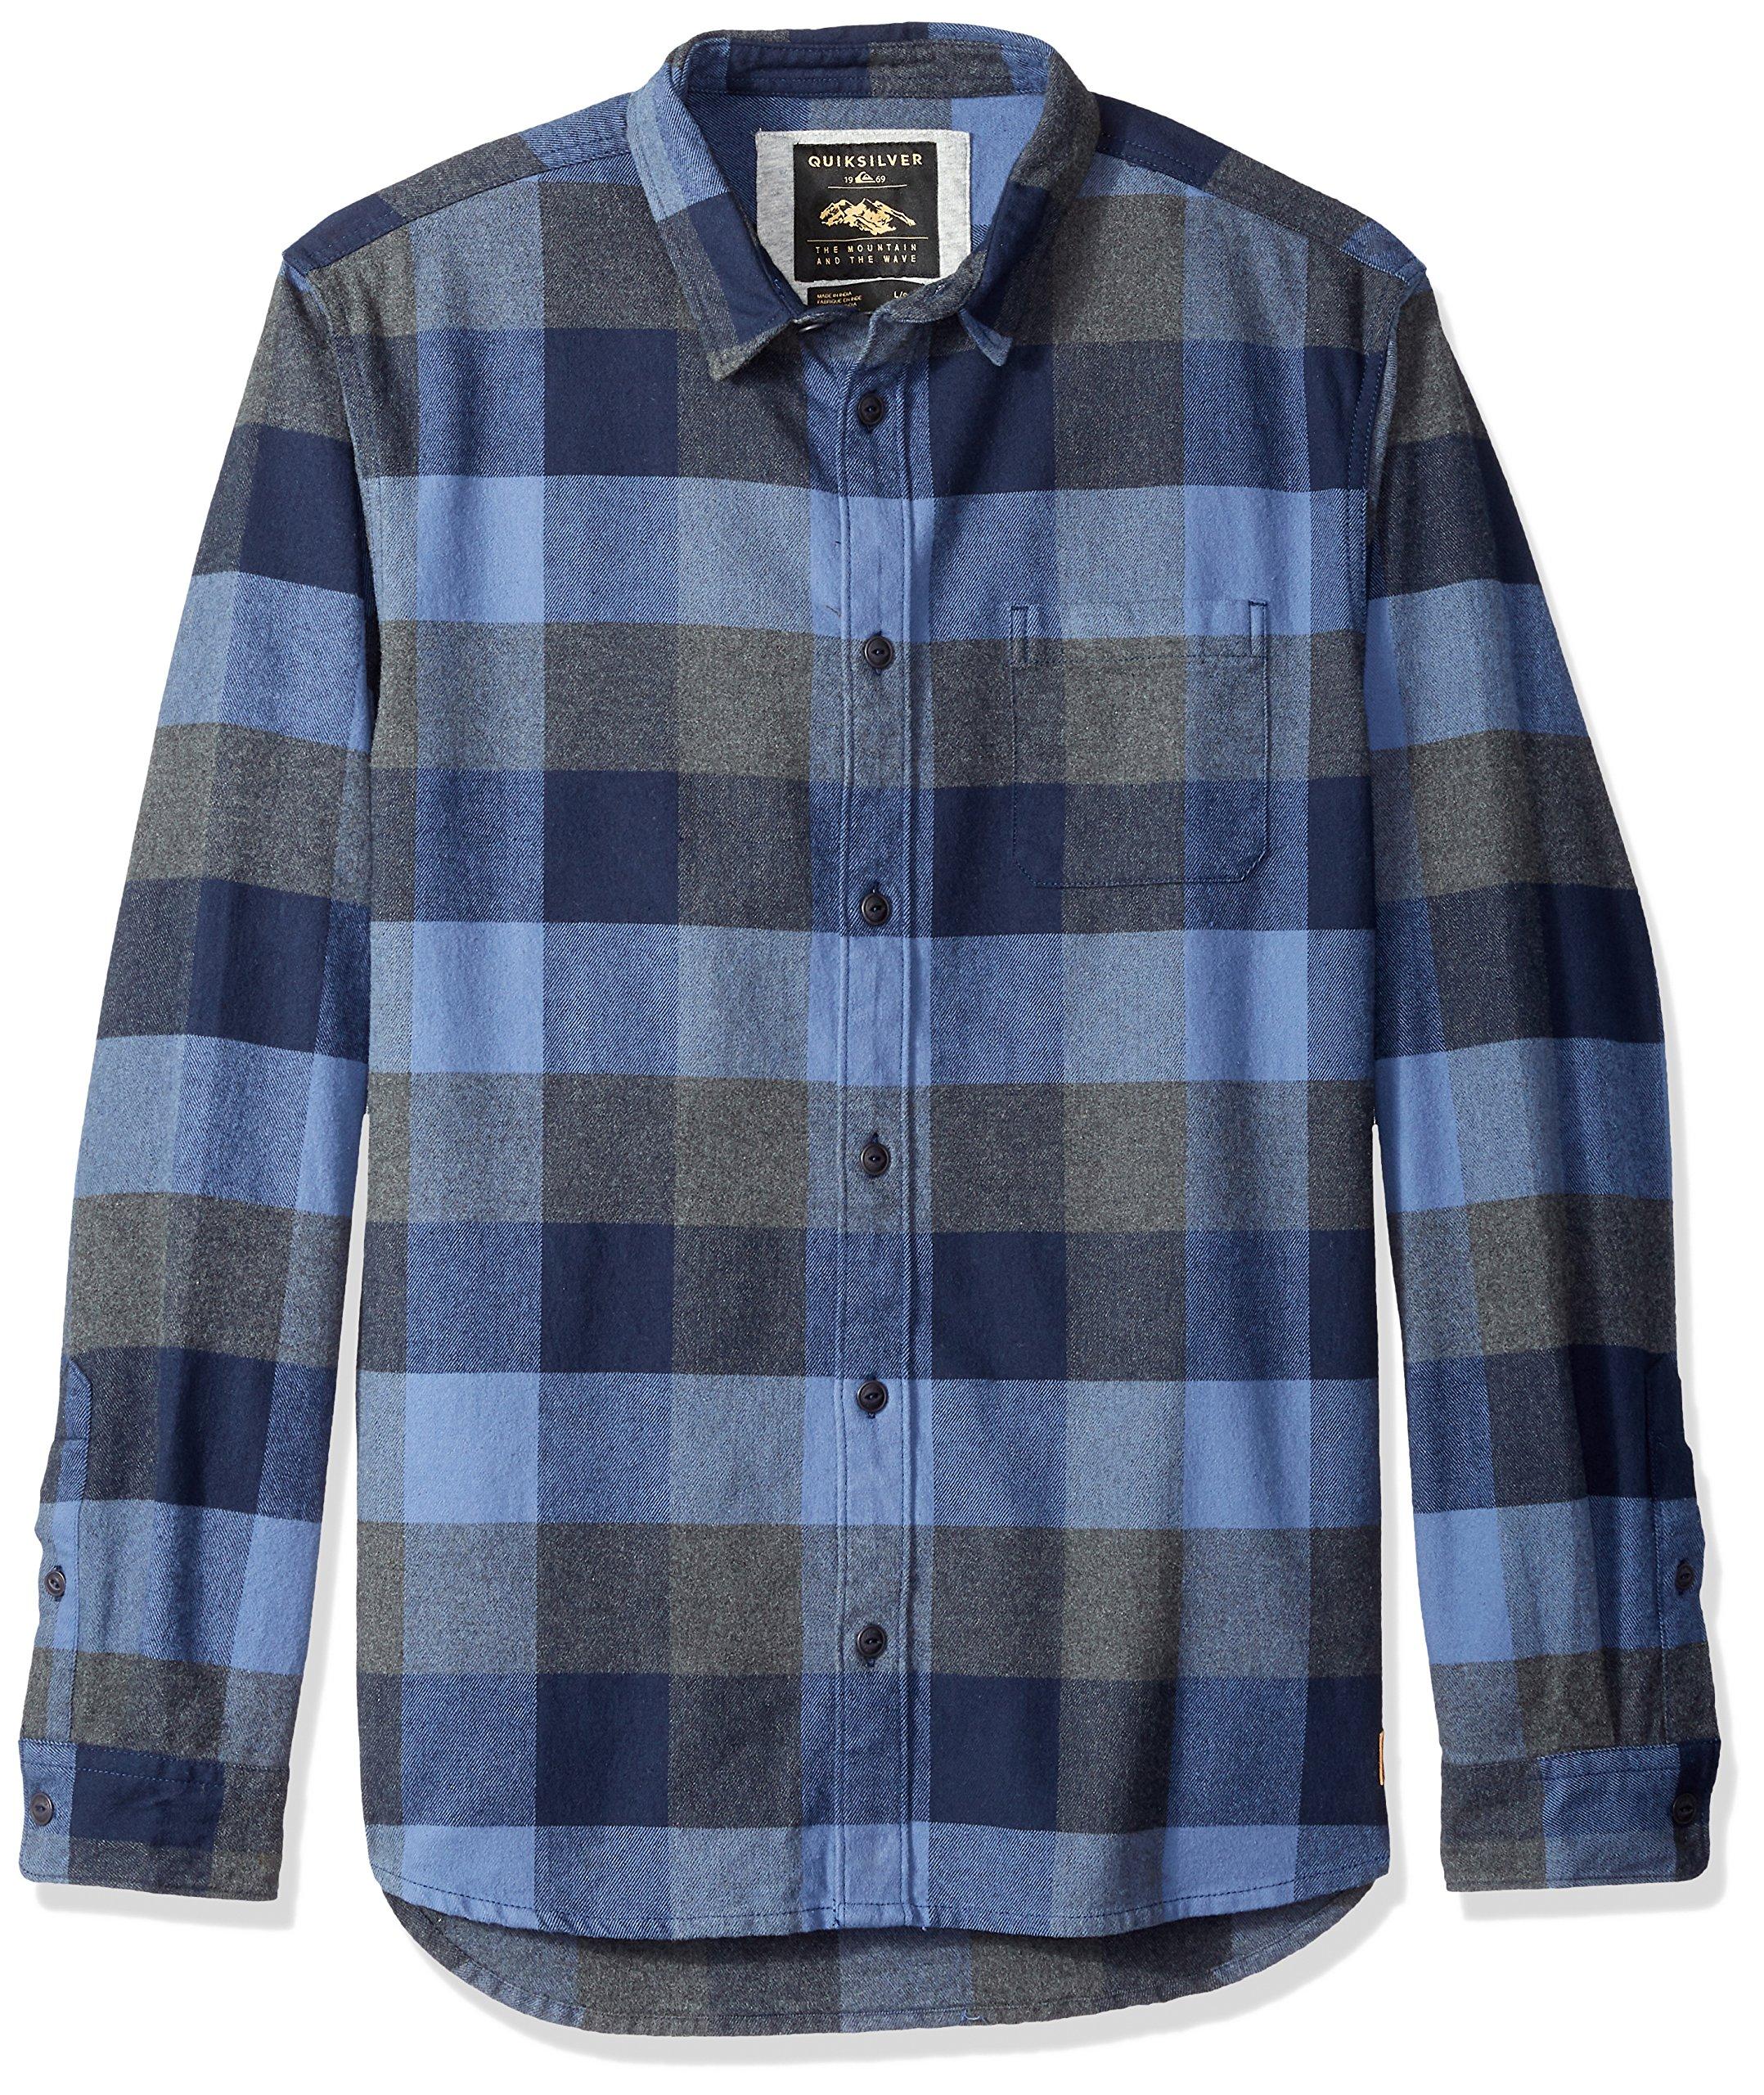 Quiksilver Men's Stretch Button Down Flannel Shirt, Stretch Flannel Navy Blazer, XXL